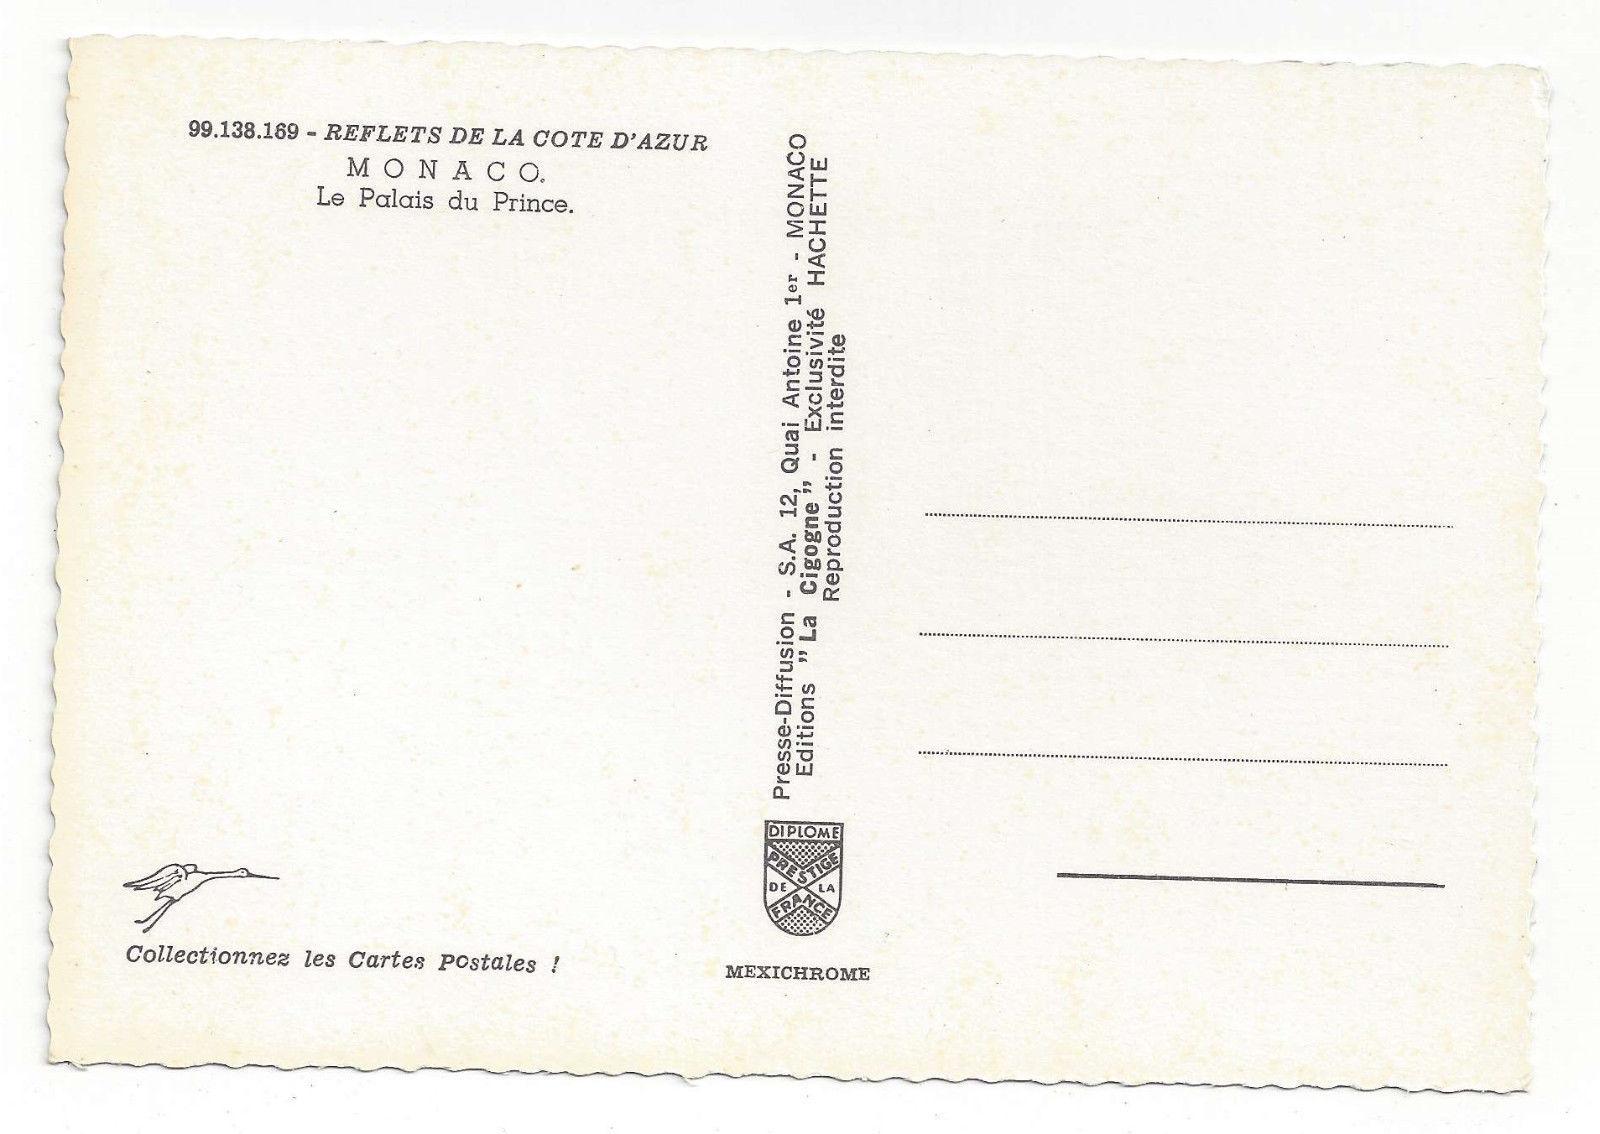 France Monaco Palace Palais du Prince Cote D'Azur Riviera Vtg Postcard 4X6